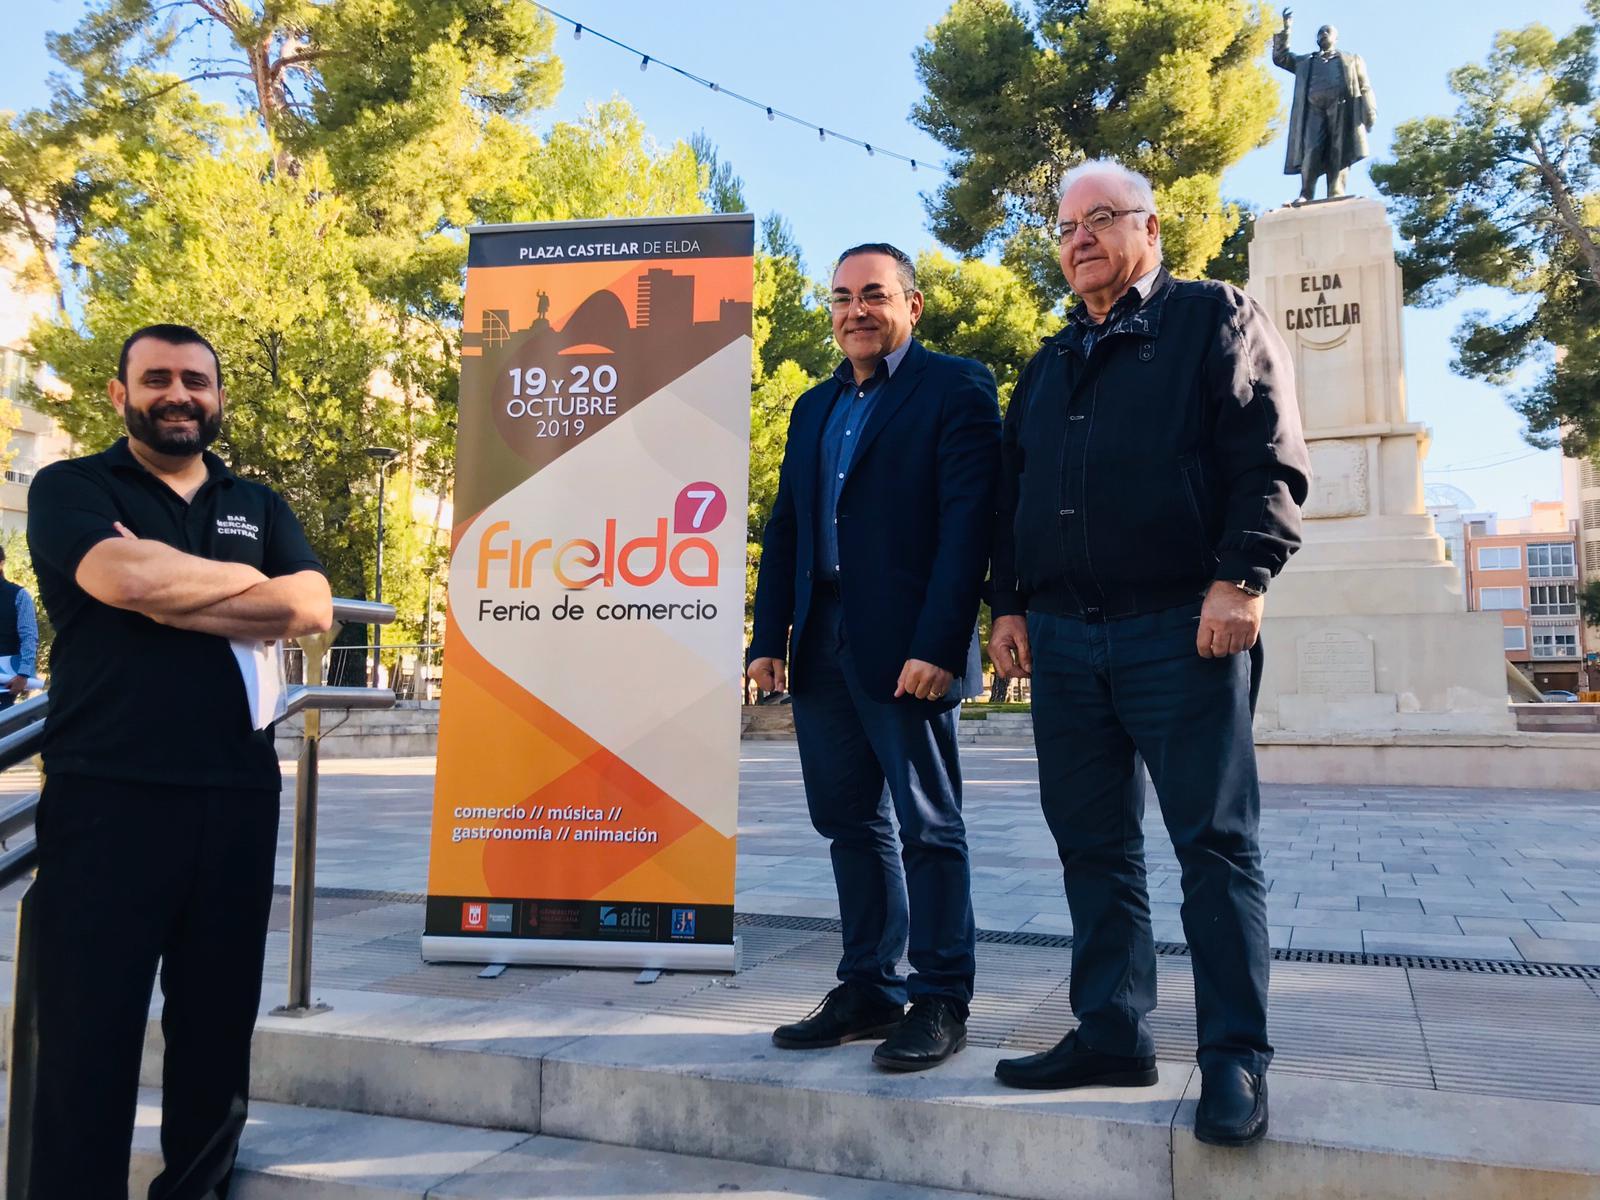 El comercio de Elda sale a la calle los días 19 y 20 de octubre con la VII edición de Firelda